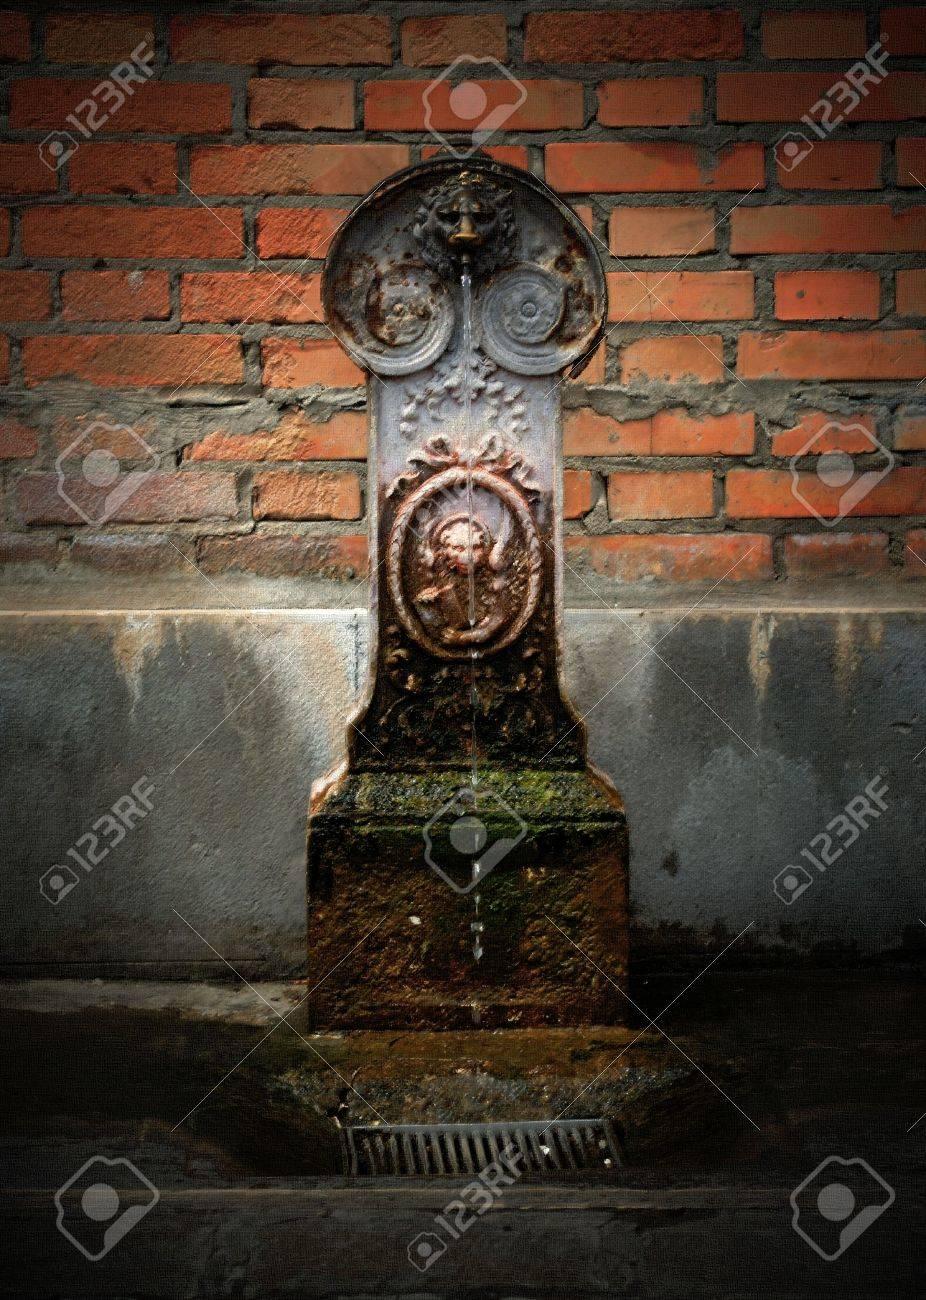 Artistique La Peinture L Image D Une Petite Fontaine Contre Un Mur De Briques à Venise Italie Image A Un Effet Pastel Sur Toile Ajoutée